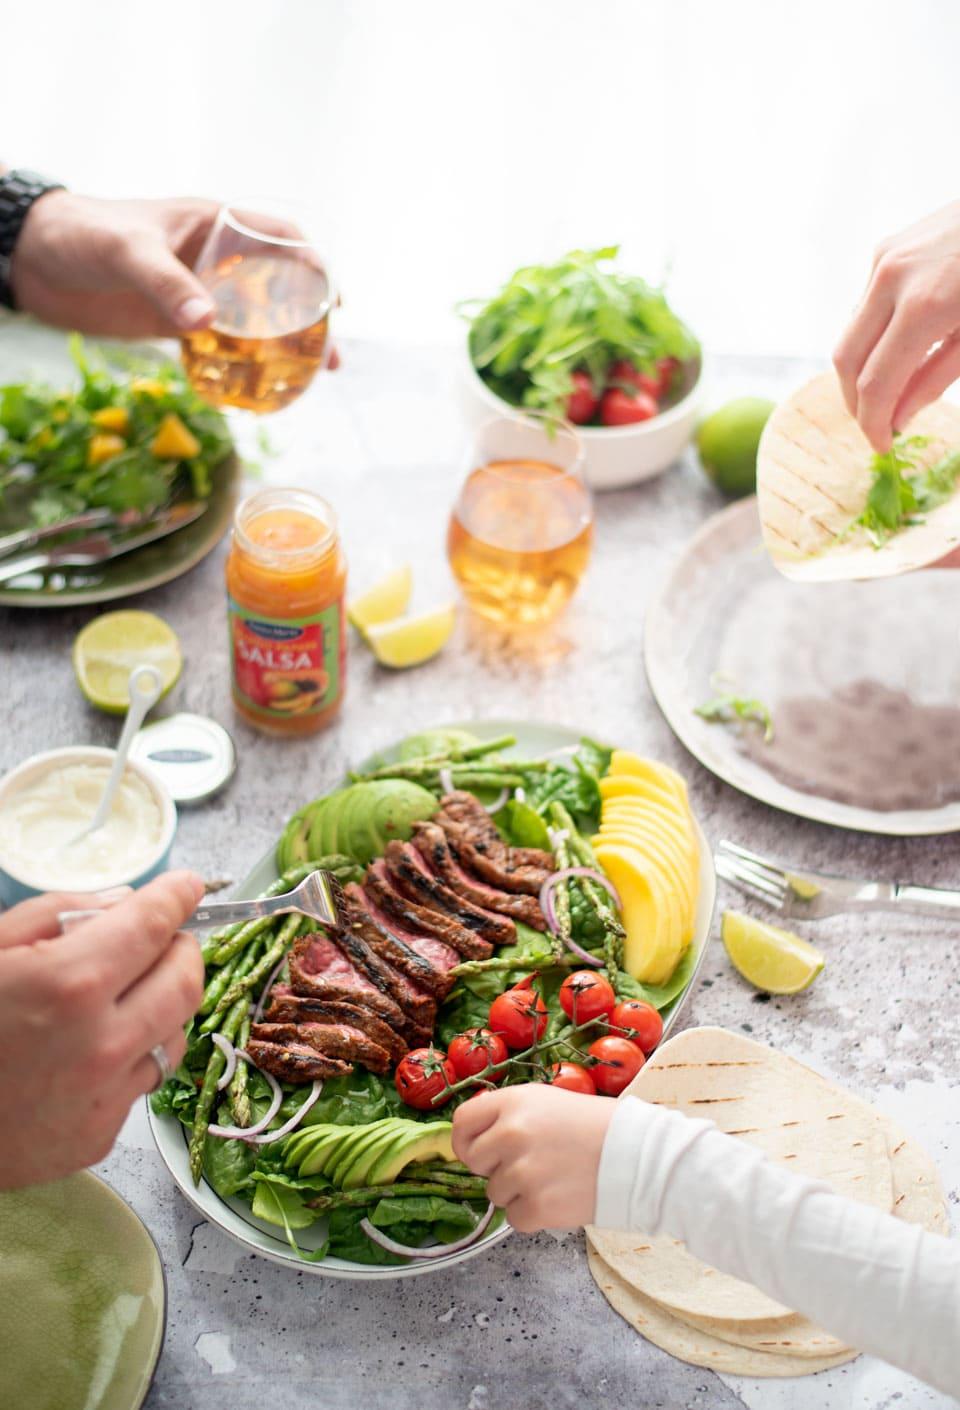 Salade met biefstuk van de grill of BBQ